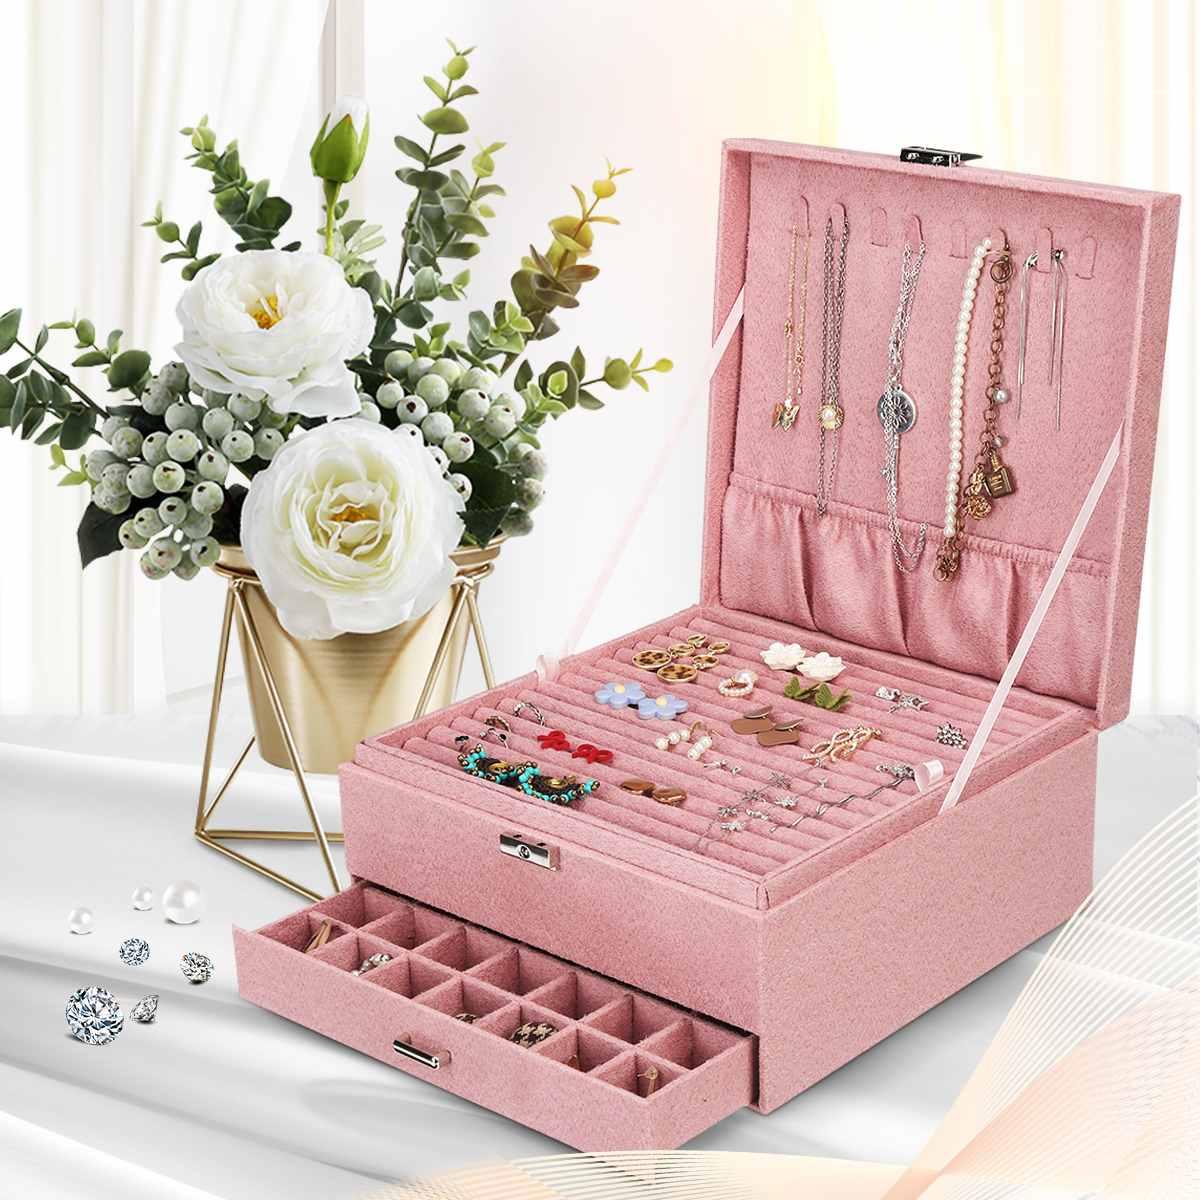 Caixa de Jóias Caixa com Bloqueio Rosa Veludo Camadas Grande Vintage Jóias Organizador Anel Colar Maquiagem Titular Cases Flanela Feminino 3